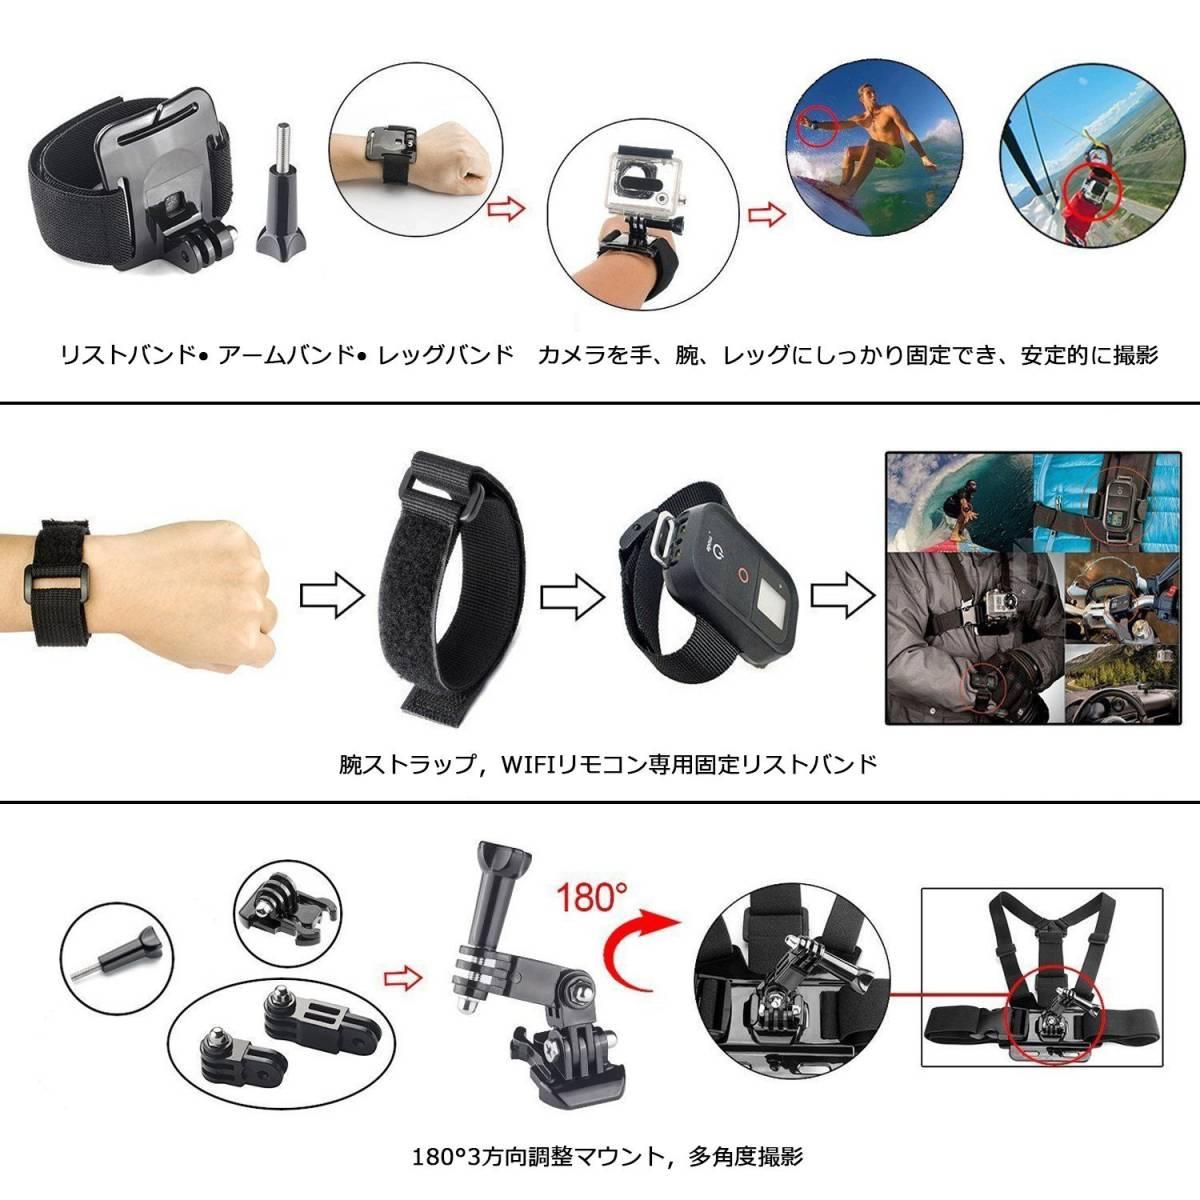 最新2018年モデル GoPro Hero 7 Black ゴープロ レンタル 4泊5日 アクセサリー フルセット バッテリー3個 前日お届け アクションカメラ_画像5